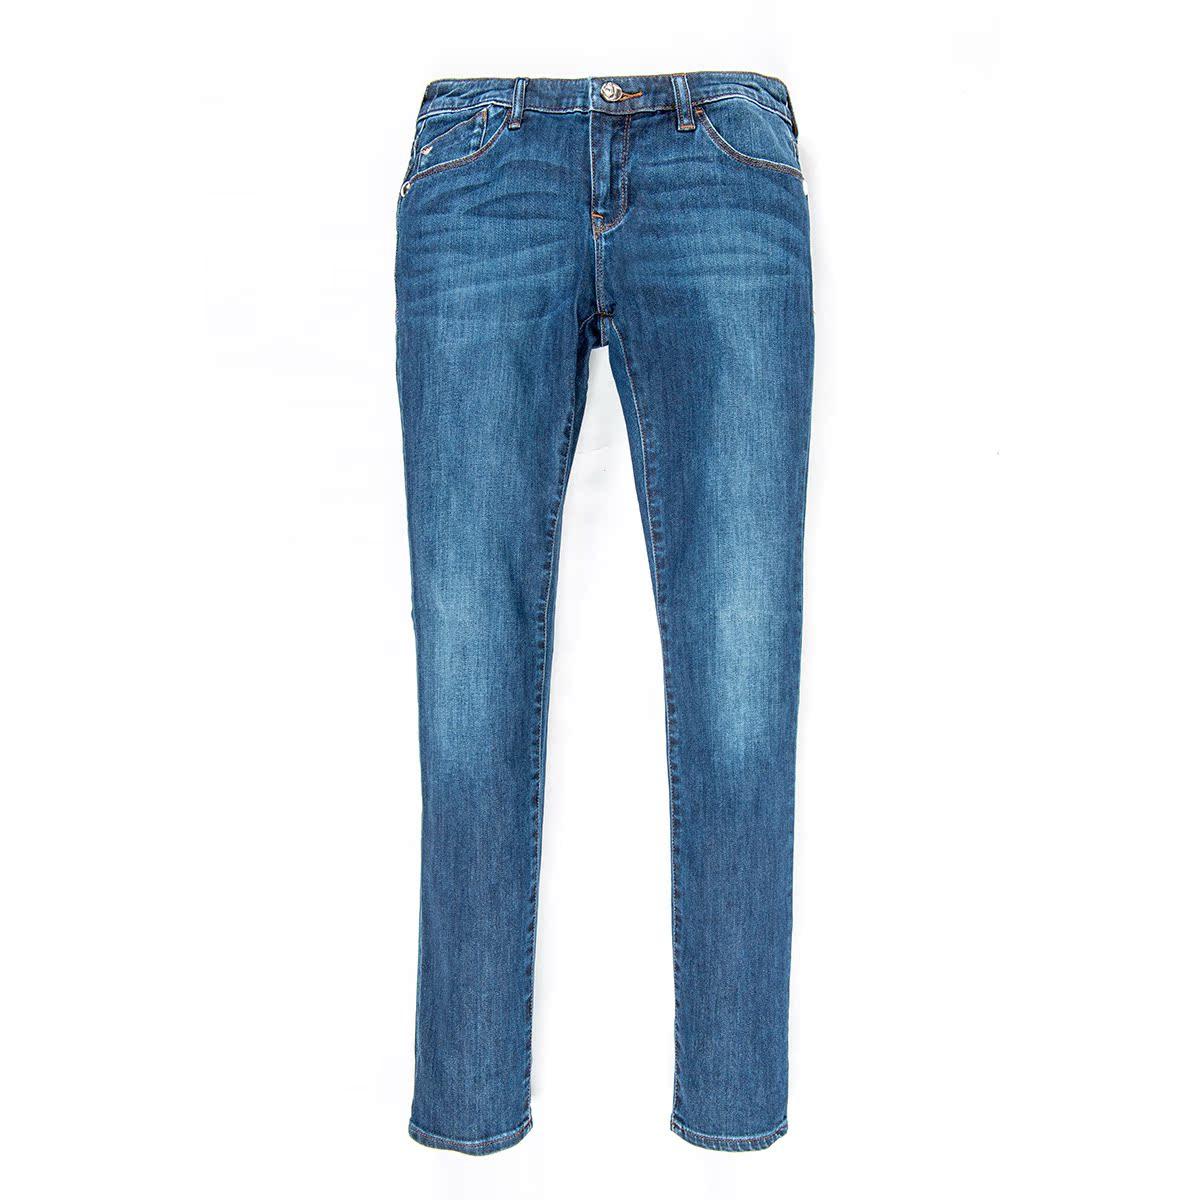 Джинсы женские Armani 90691 JEANS джинсы armani jeans 6y5j90 5d2iz 1500